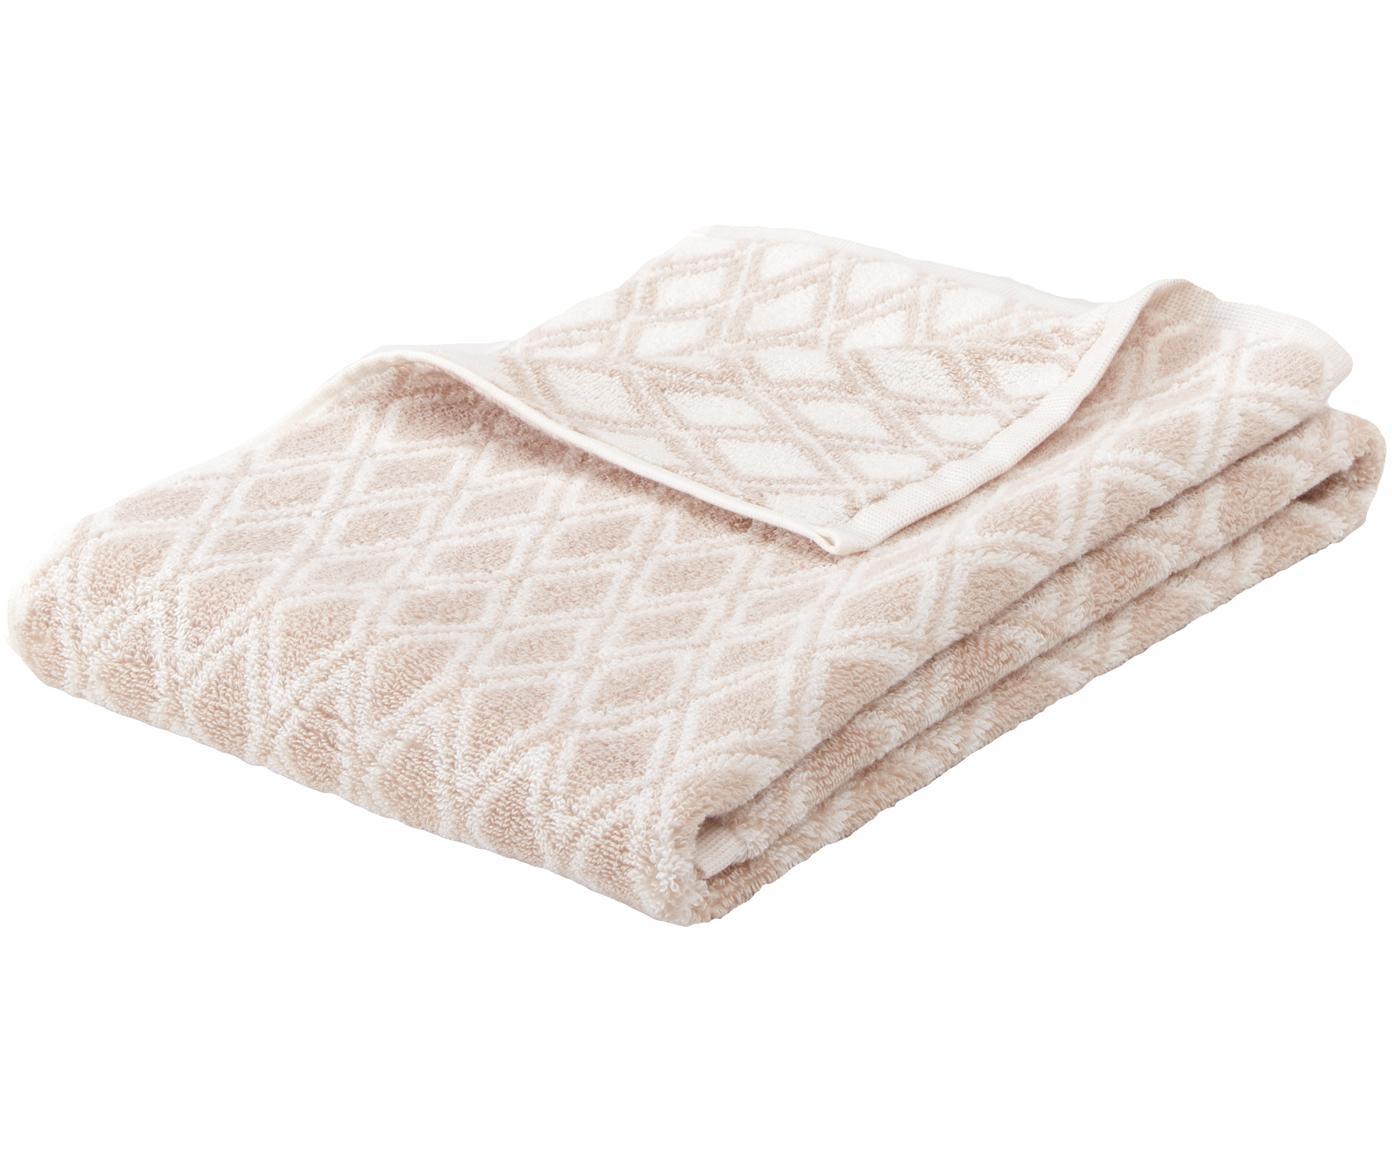 Asciugamano reversibile con motivo grafico Ava, Sabbia, bianco crema, Asciugamano